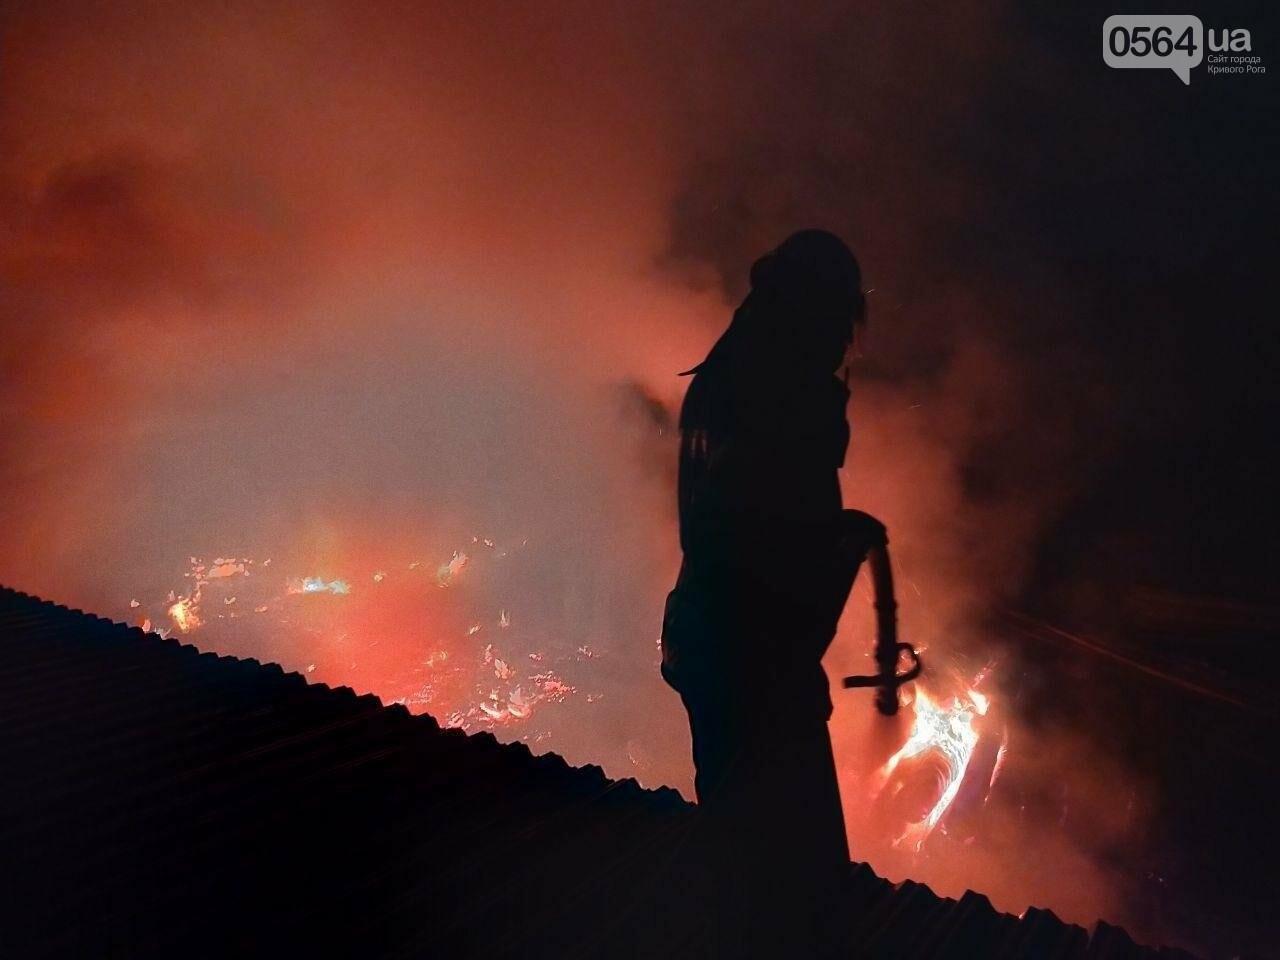 На деревообрабатывающем предприятии Кривого Рога огонь уничтожил несколько сотен квадратных метров бруса, - ФОТО, ВИДЕО, фото-5